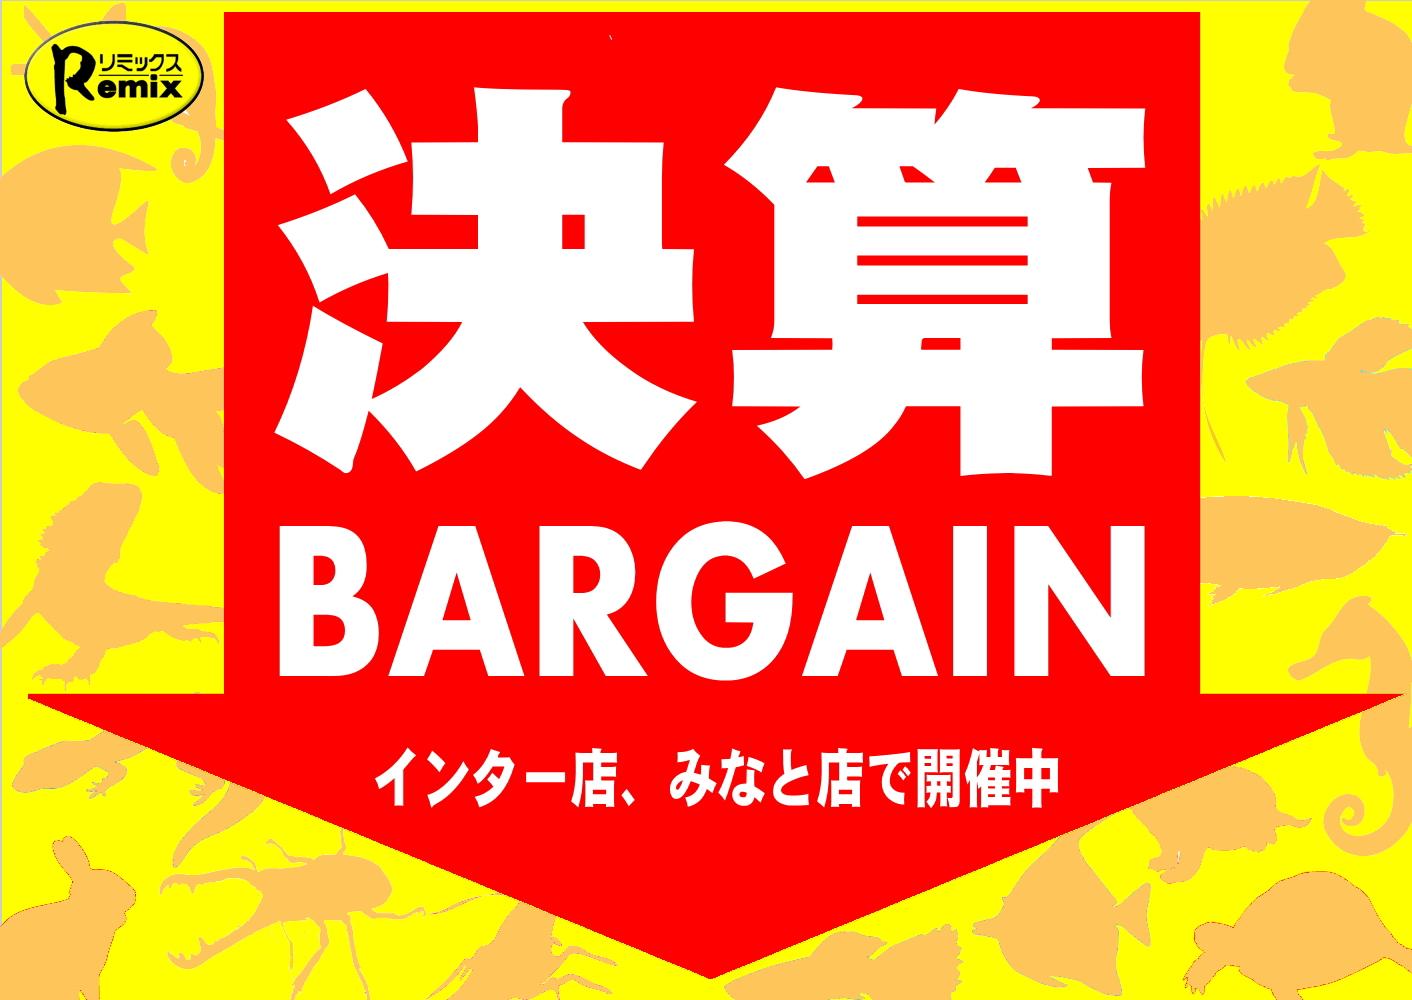 決算間近!!『決算BARGAIN』始まる!!@インター爬虫類